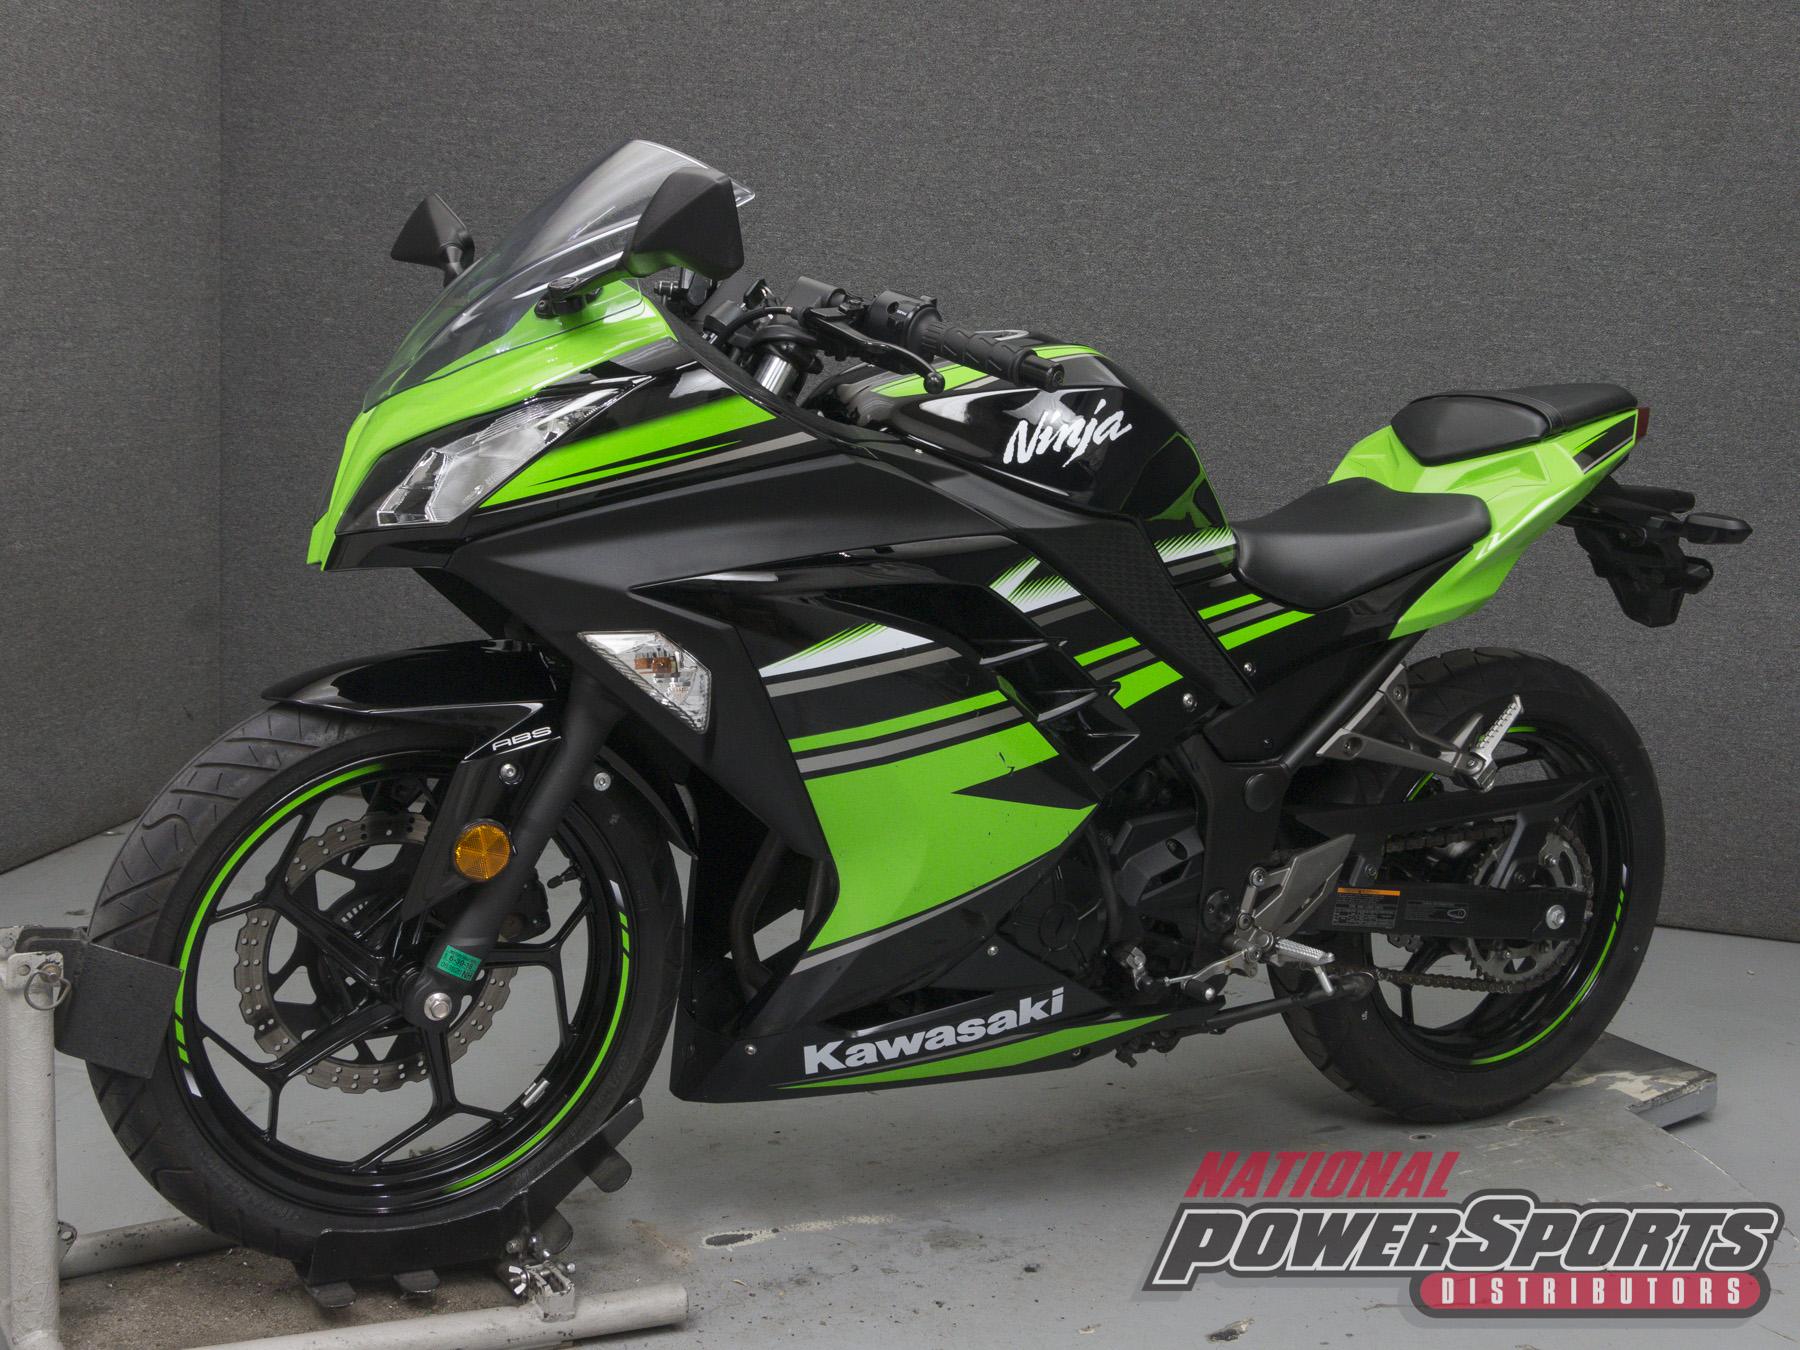 Kawasaki Ninja Abs Krt Edition Nada